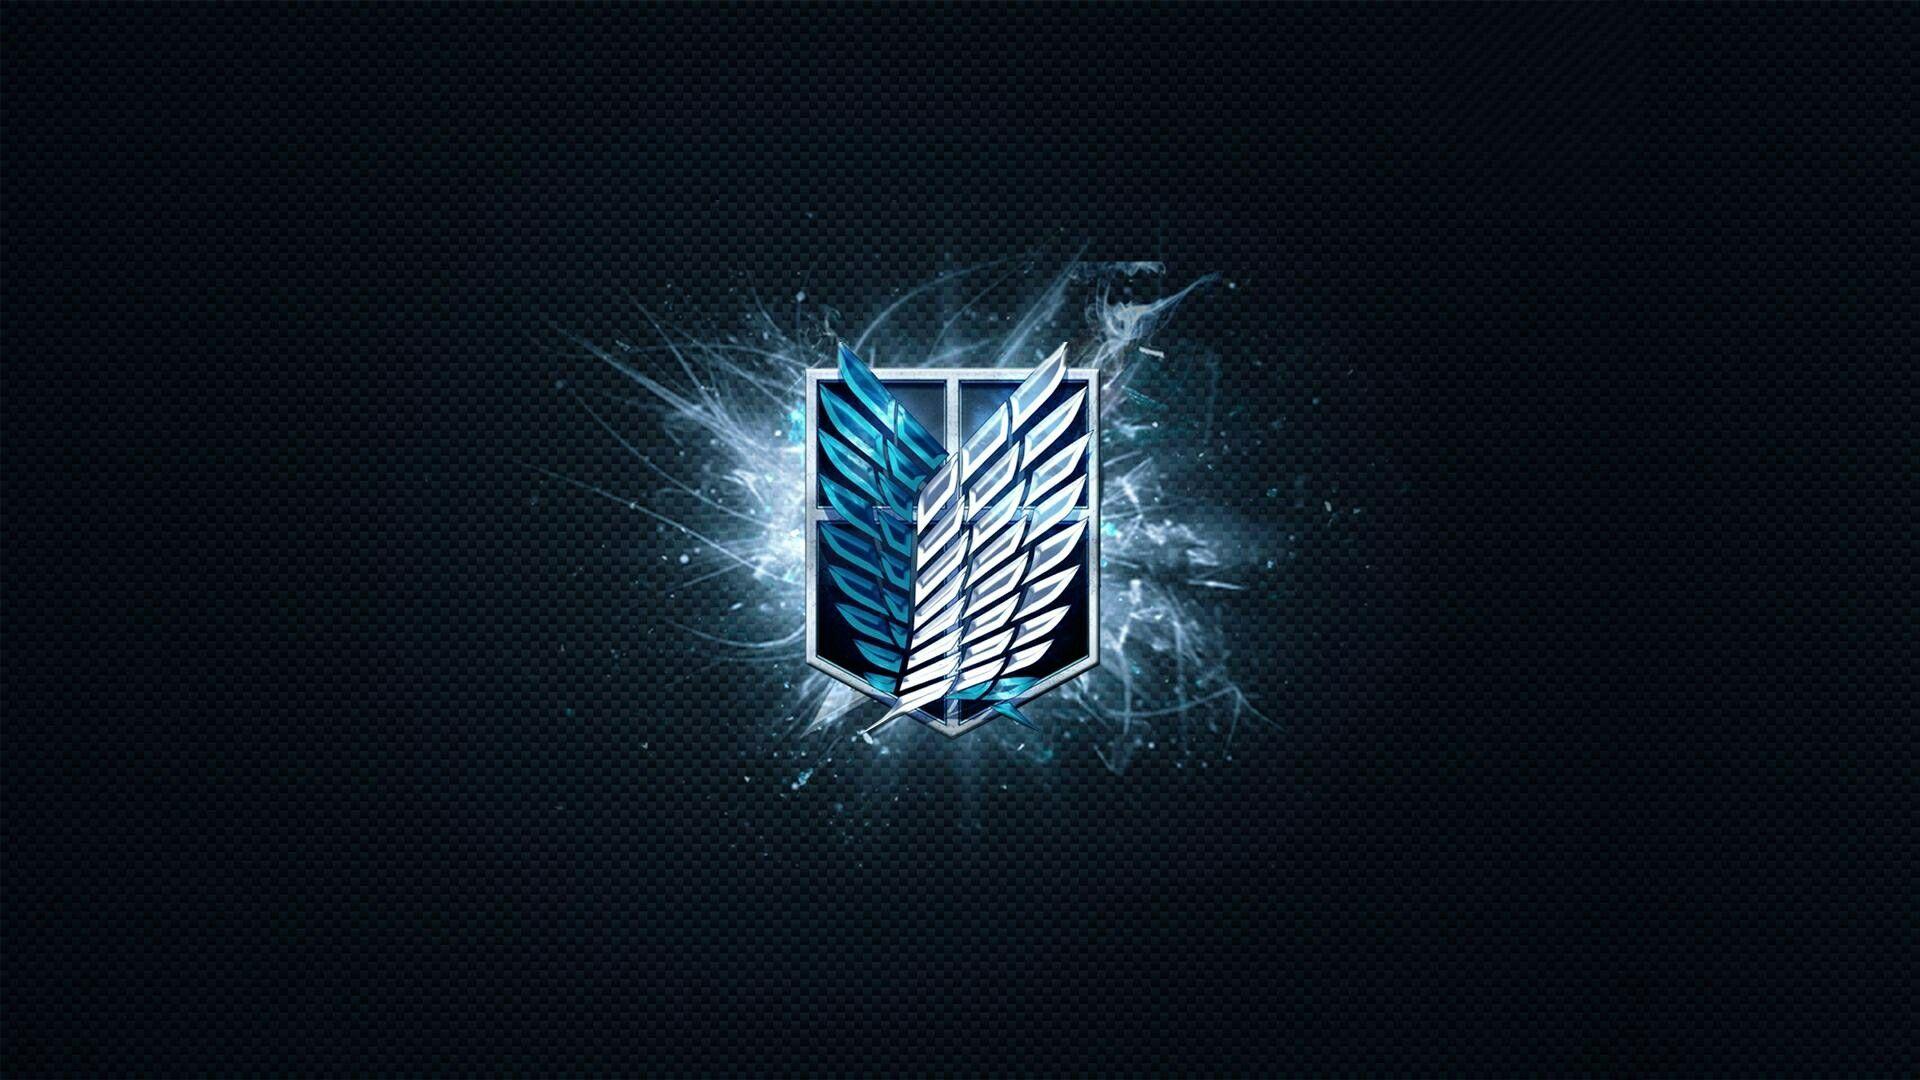 Scouting Legion Attack on titan, Titan logo, Attack on